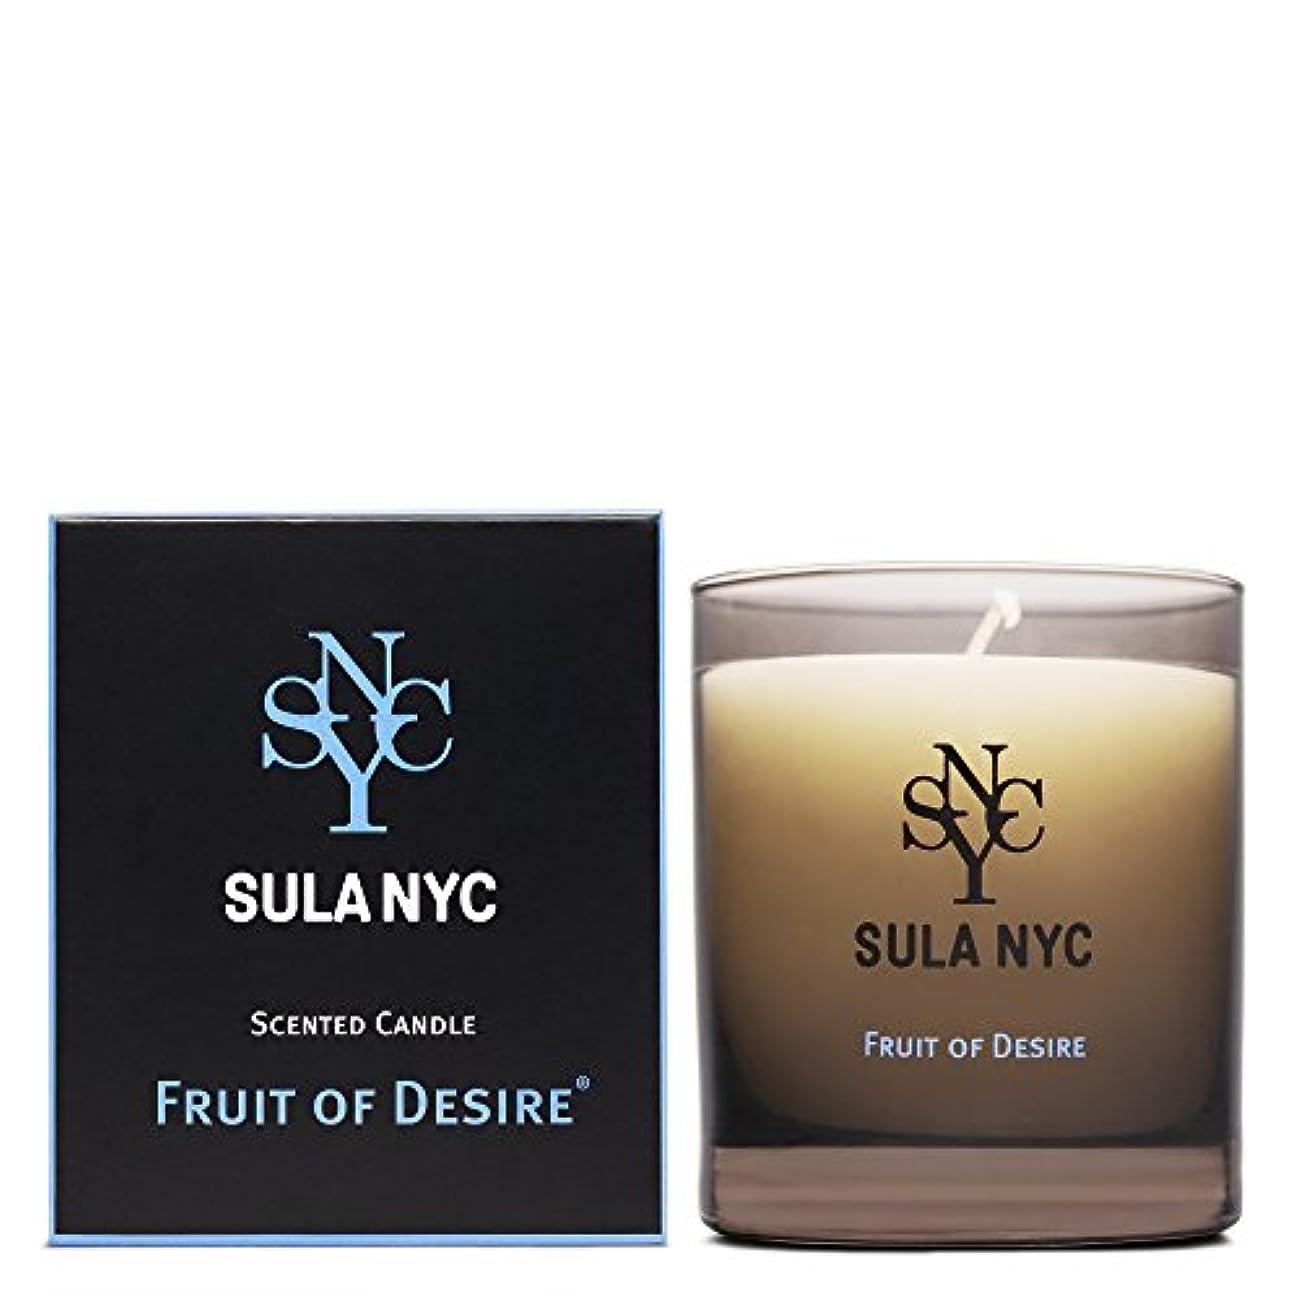 噴火あさりツールSULA NYC SCENTED CANDLE FRIT OF DESIRE スーラNYC センティッドキャンドル フルーツ?オブ?ディザイアー